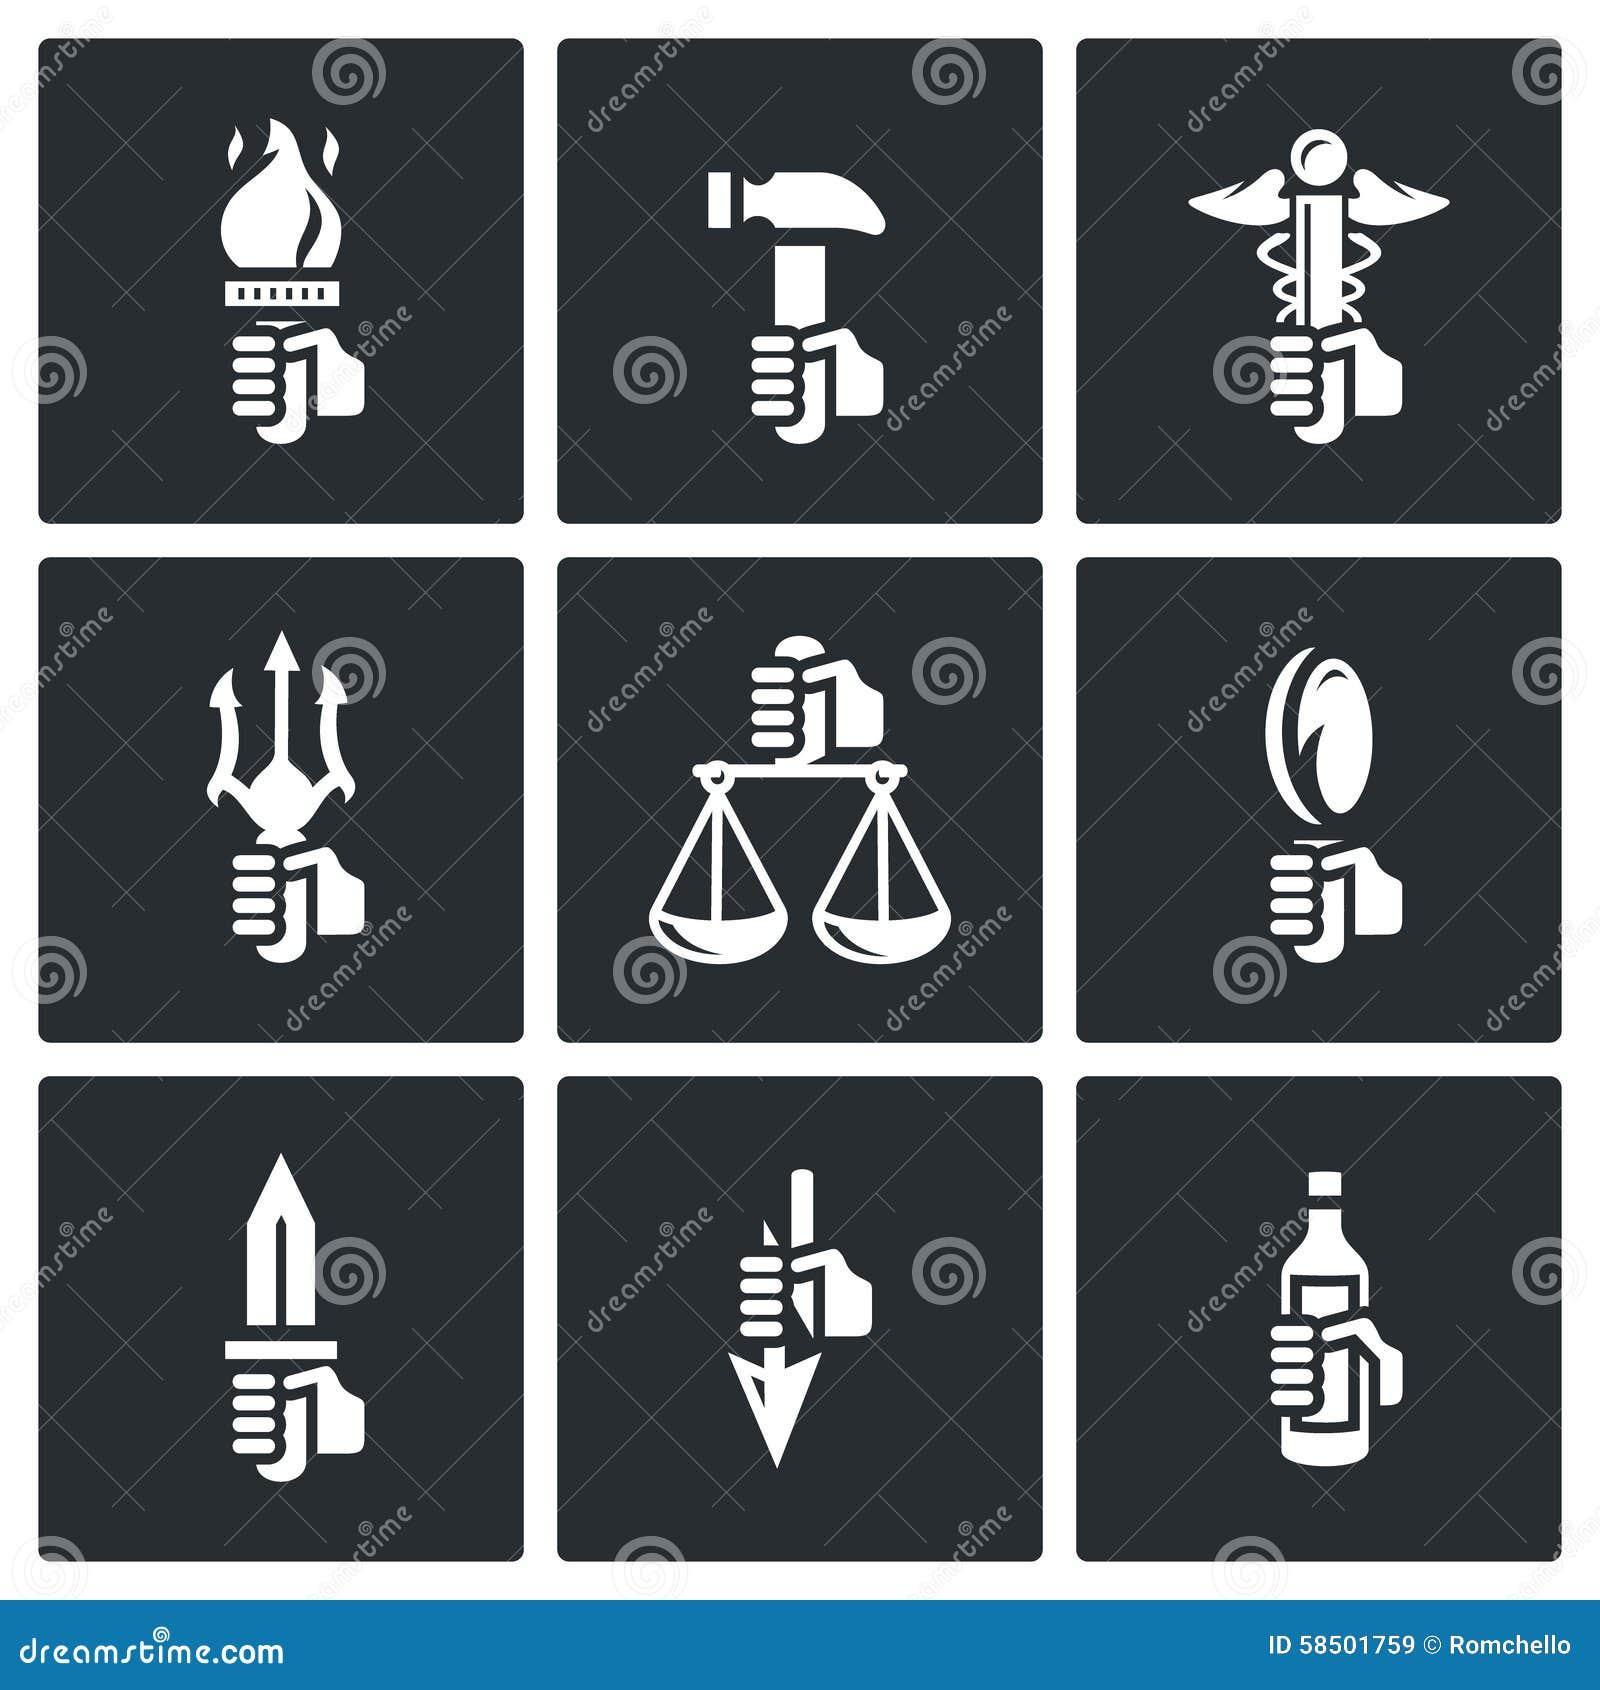 Symbols Of The Gods In Greek Mythology Icons Set Vector